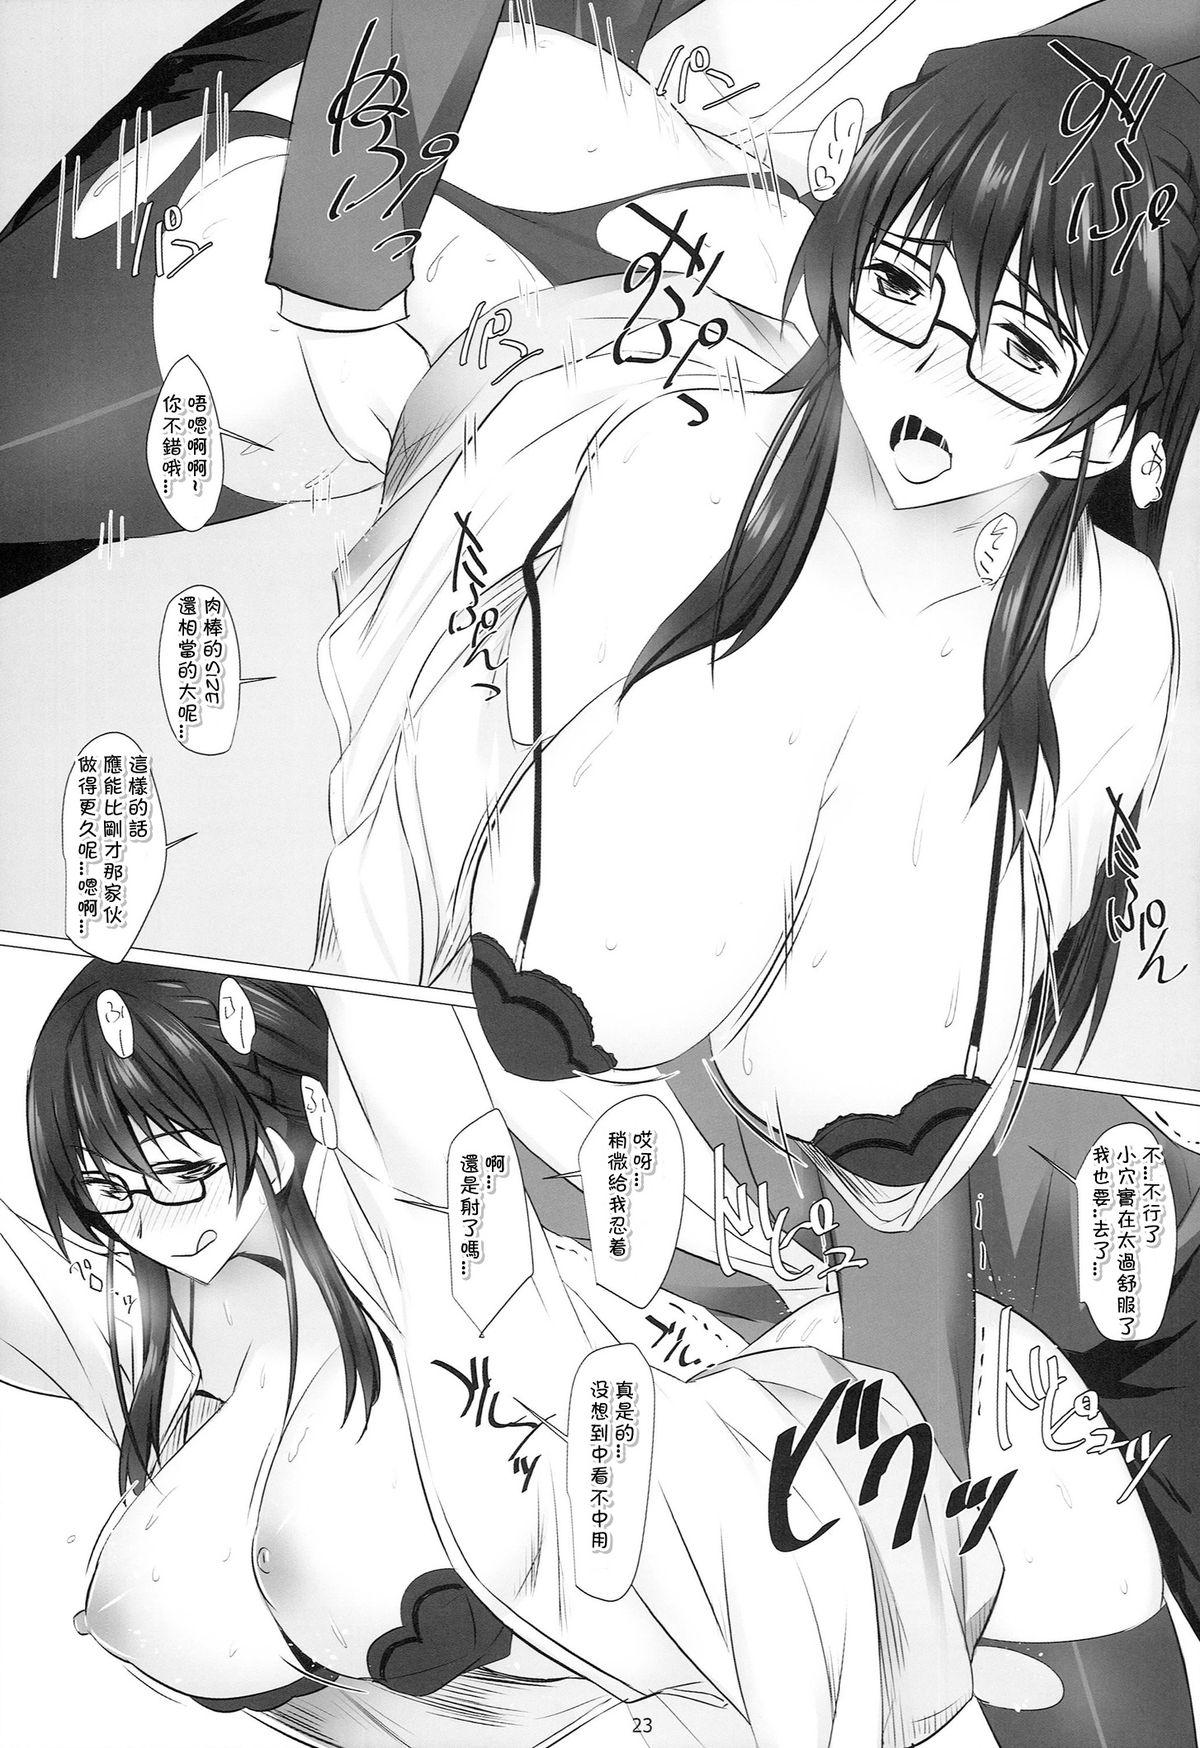 Saijou Suzune no Seiyoku Shori Kyoushitu 23